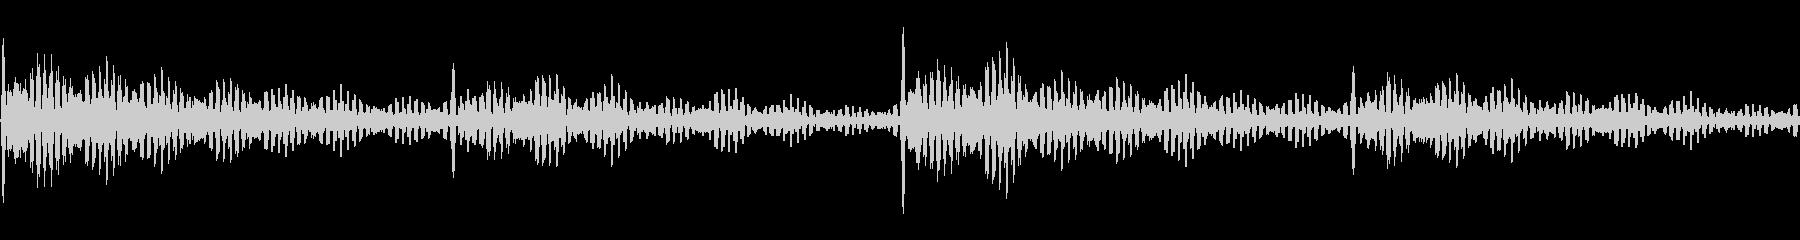 心音のような音の未再生の波形